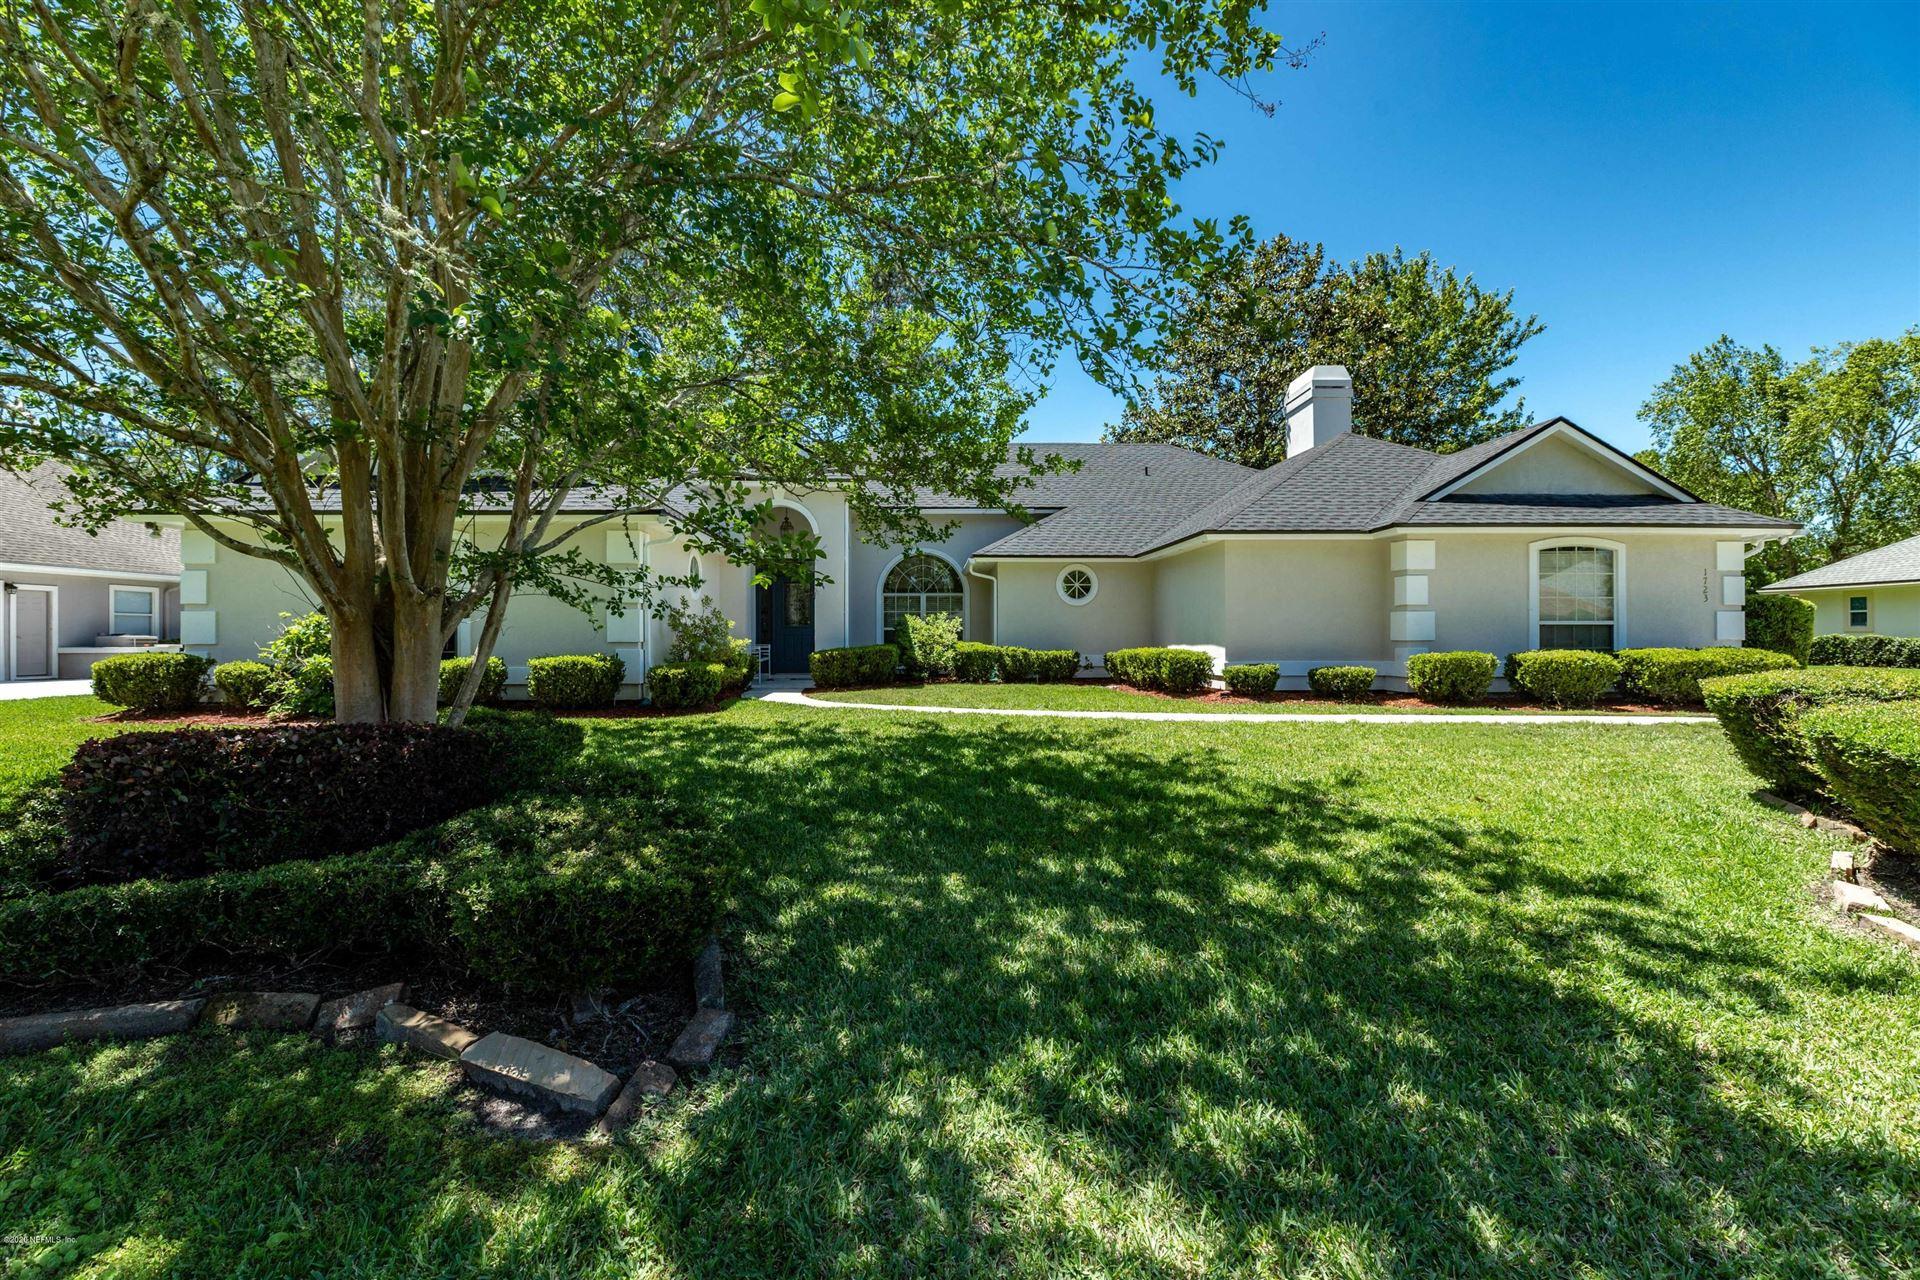 1723 MUIRFIELD DR, Green Cove Springs, FL 32043 - MLS#: 1058802